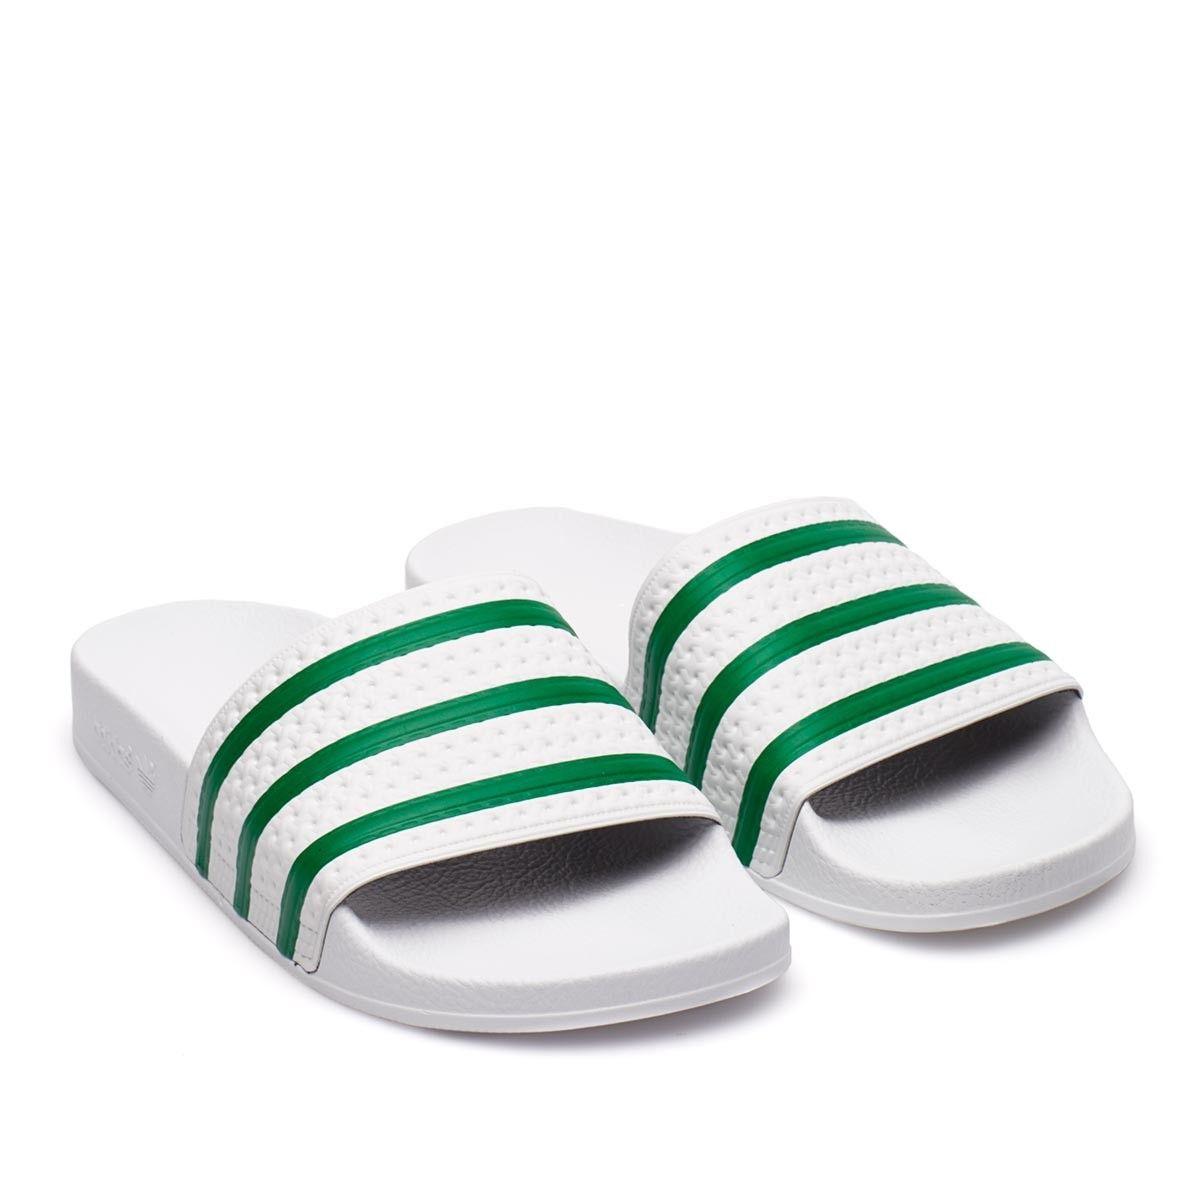 adidas adilette bianche e verdi